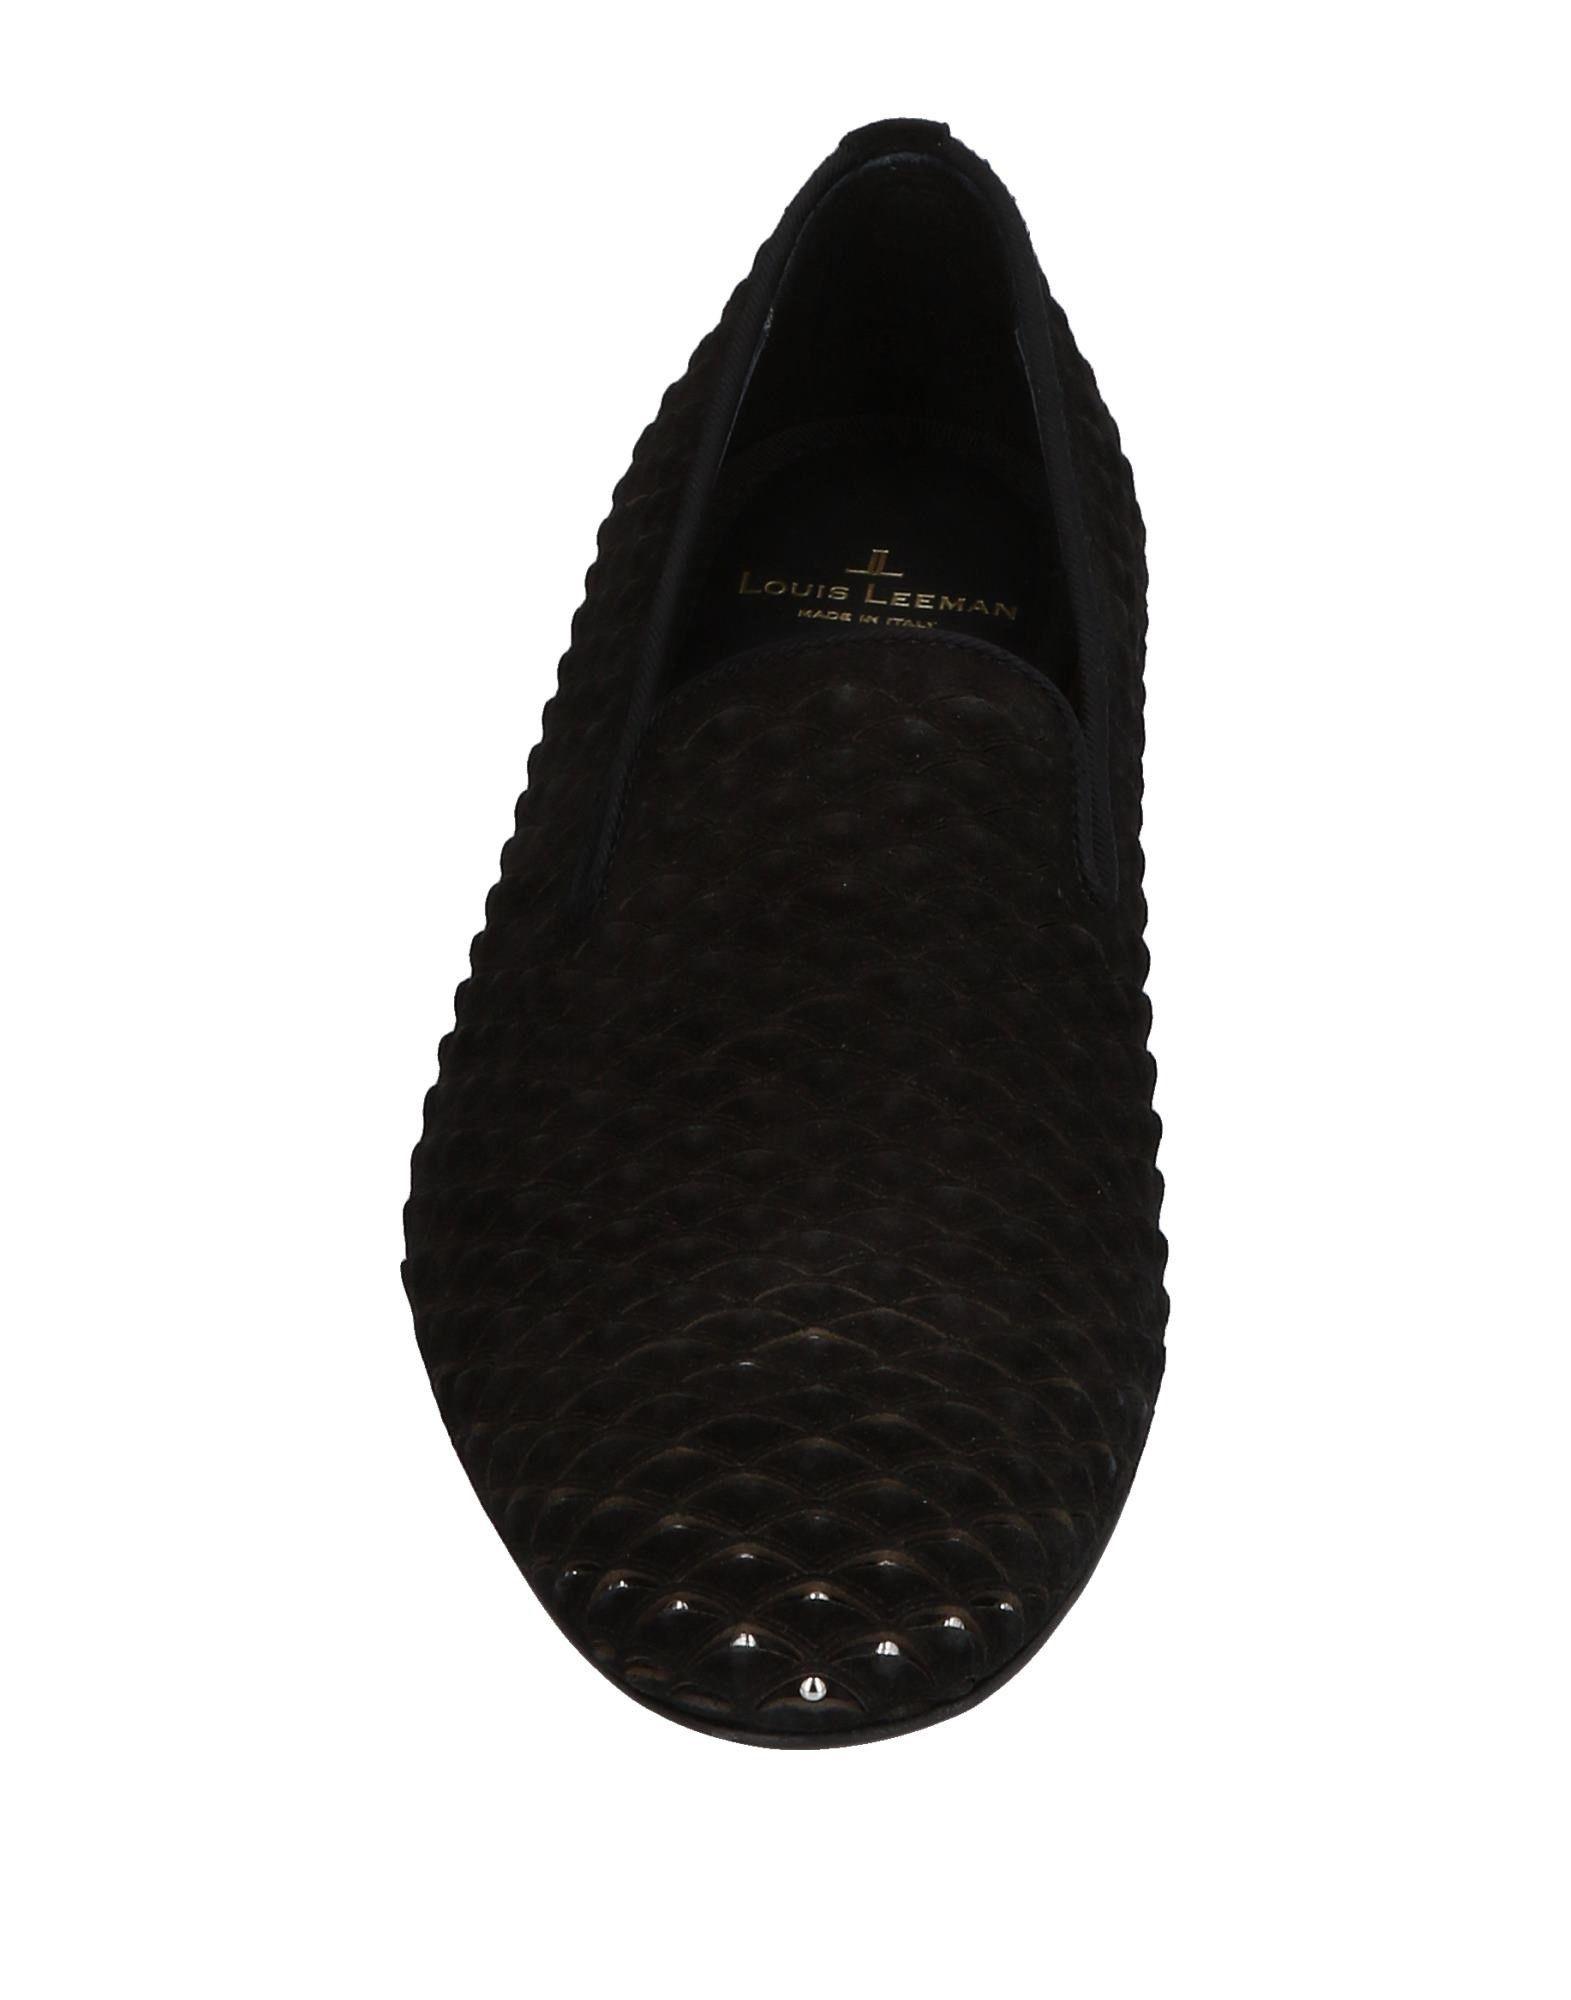 Louis Leeman Mokassins Herren  11418084LV Schuhe Neue Schuhe 11418084LV 3027f3